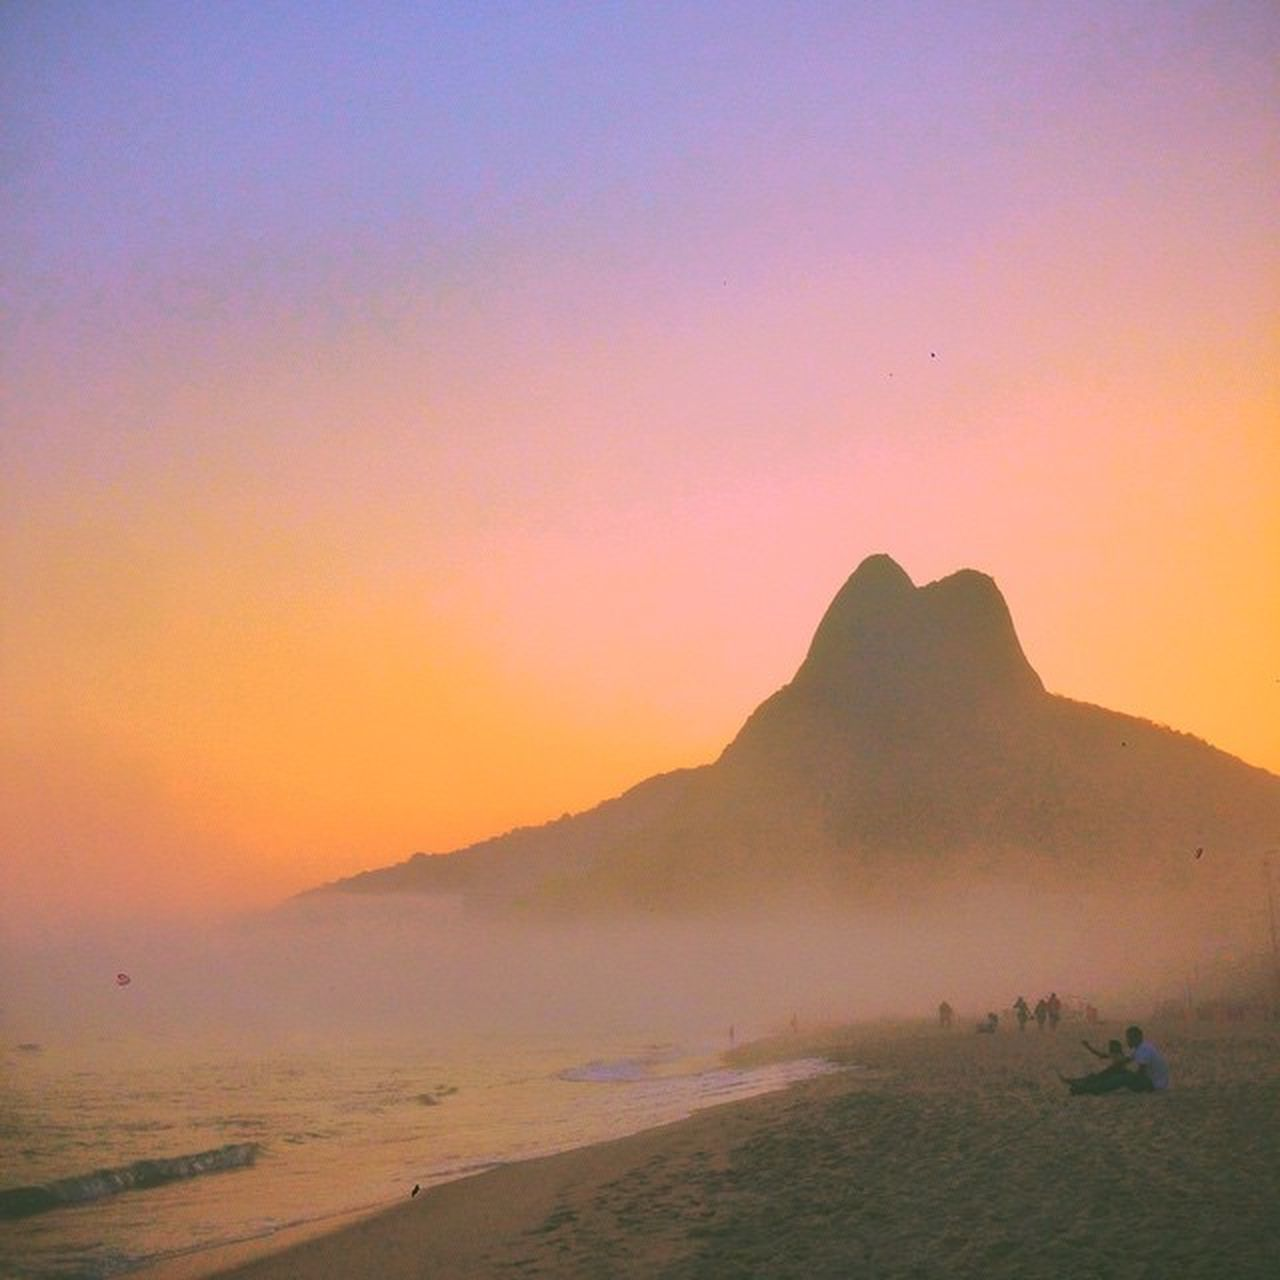 🌅🌄Vscocam VSCO Carioquissimo_zs Carioquissimo brazilingram